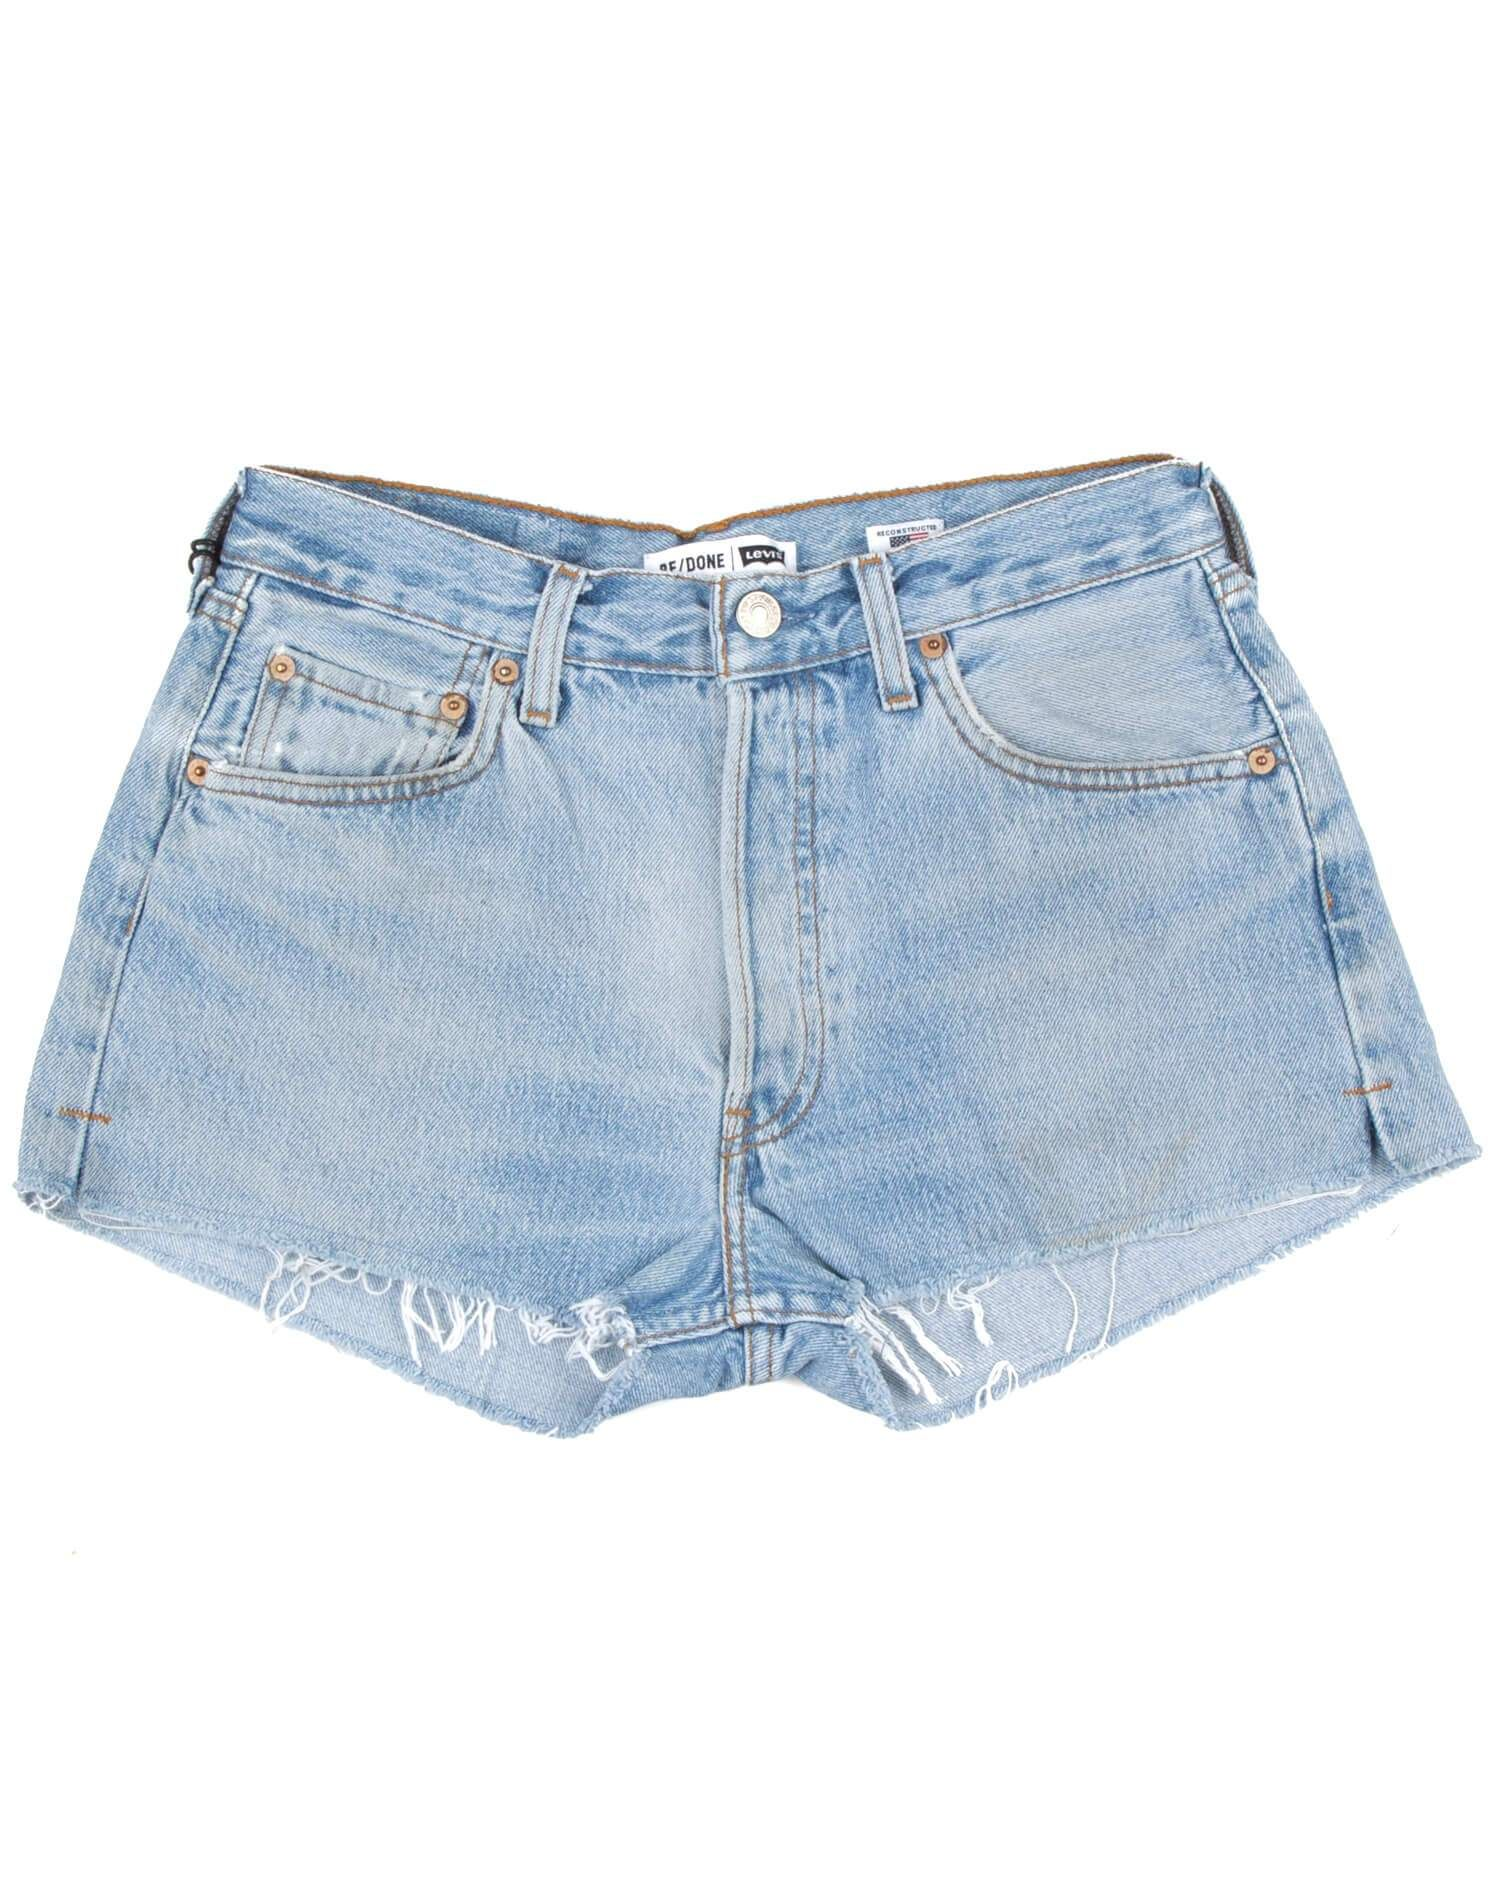 Vintage Levi's | The Shorts | Light Blue | Size 23 | No. 23TS1164315 | Denim #lightblueshorts